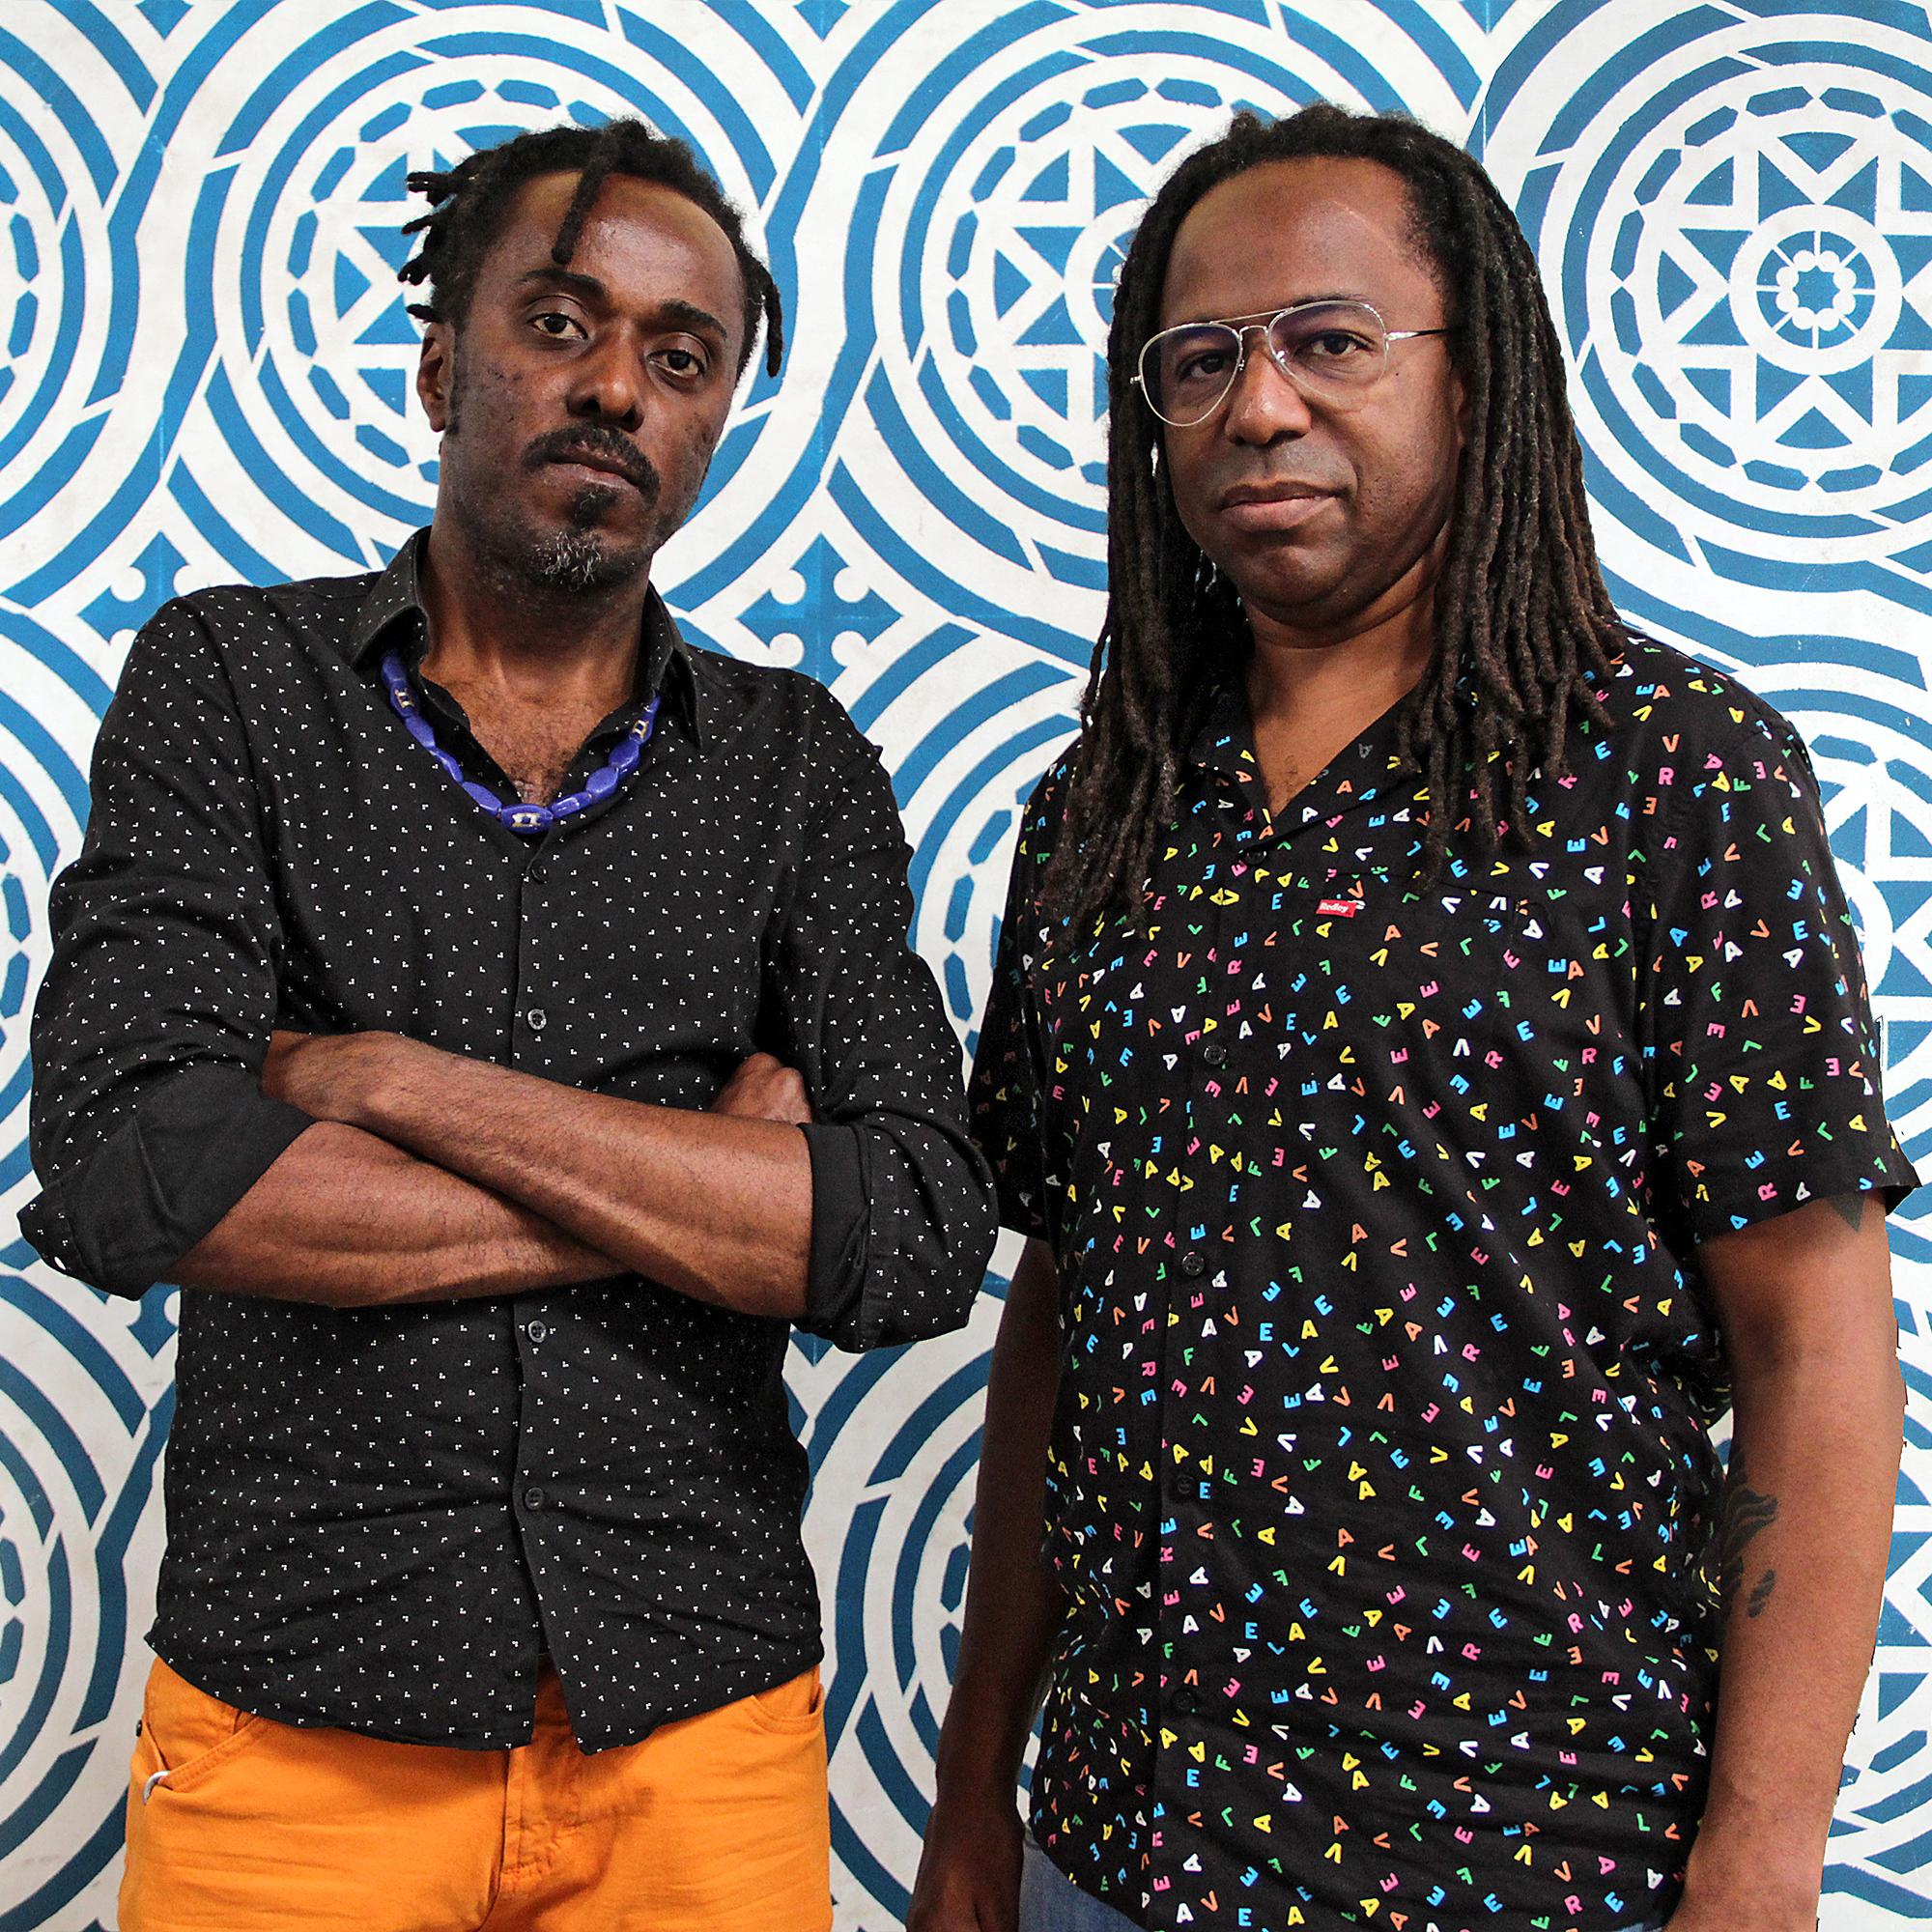 Radio Diaspora<br/>'Meia-noite'<br/>digital, 2020